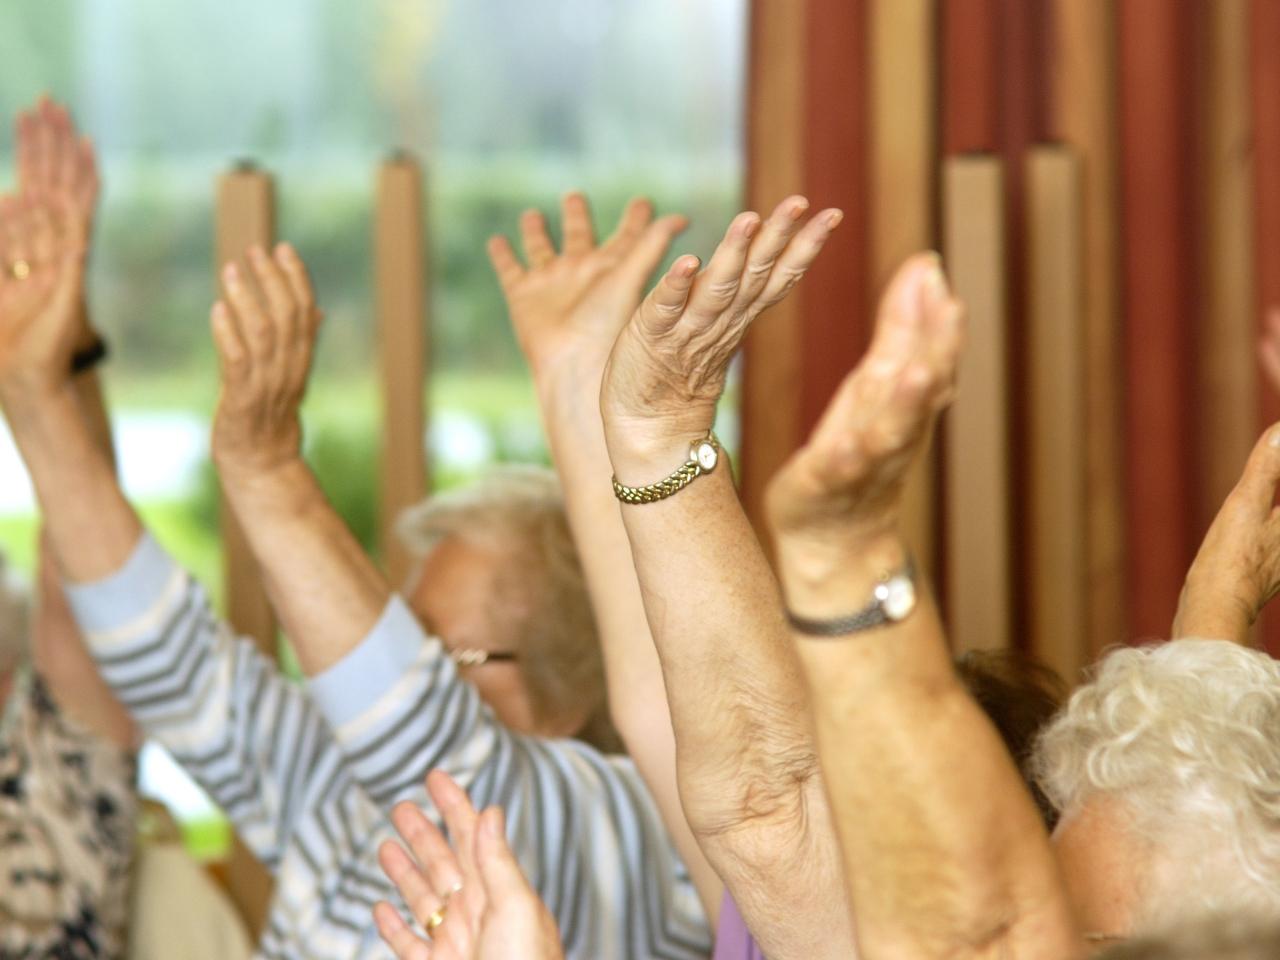 Das Bild zeigt eine Gruppe älterer Menschen die sich in bewegen.